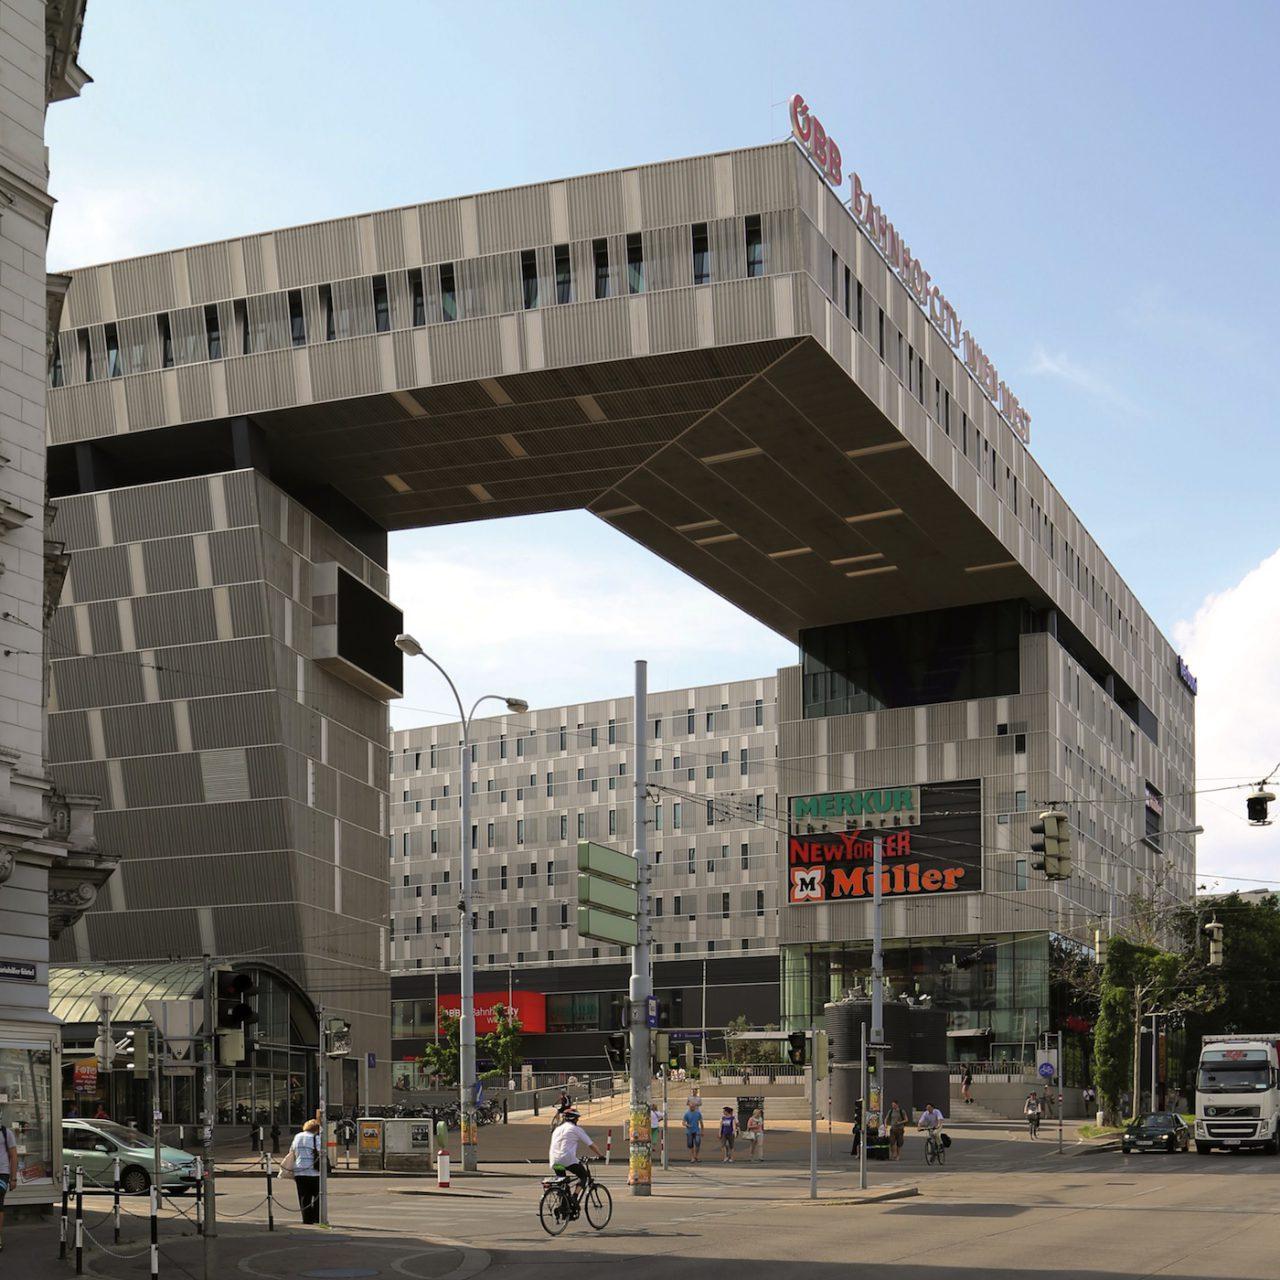 Bahnhof City West.  Neumann + Steiner, 2011